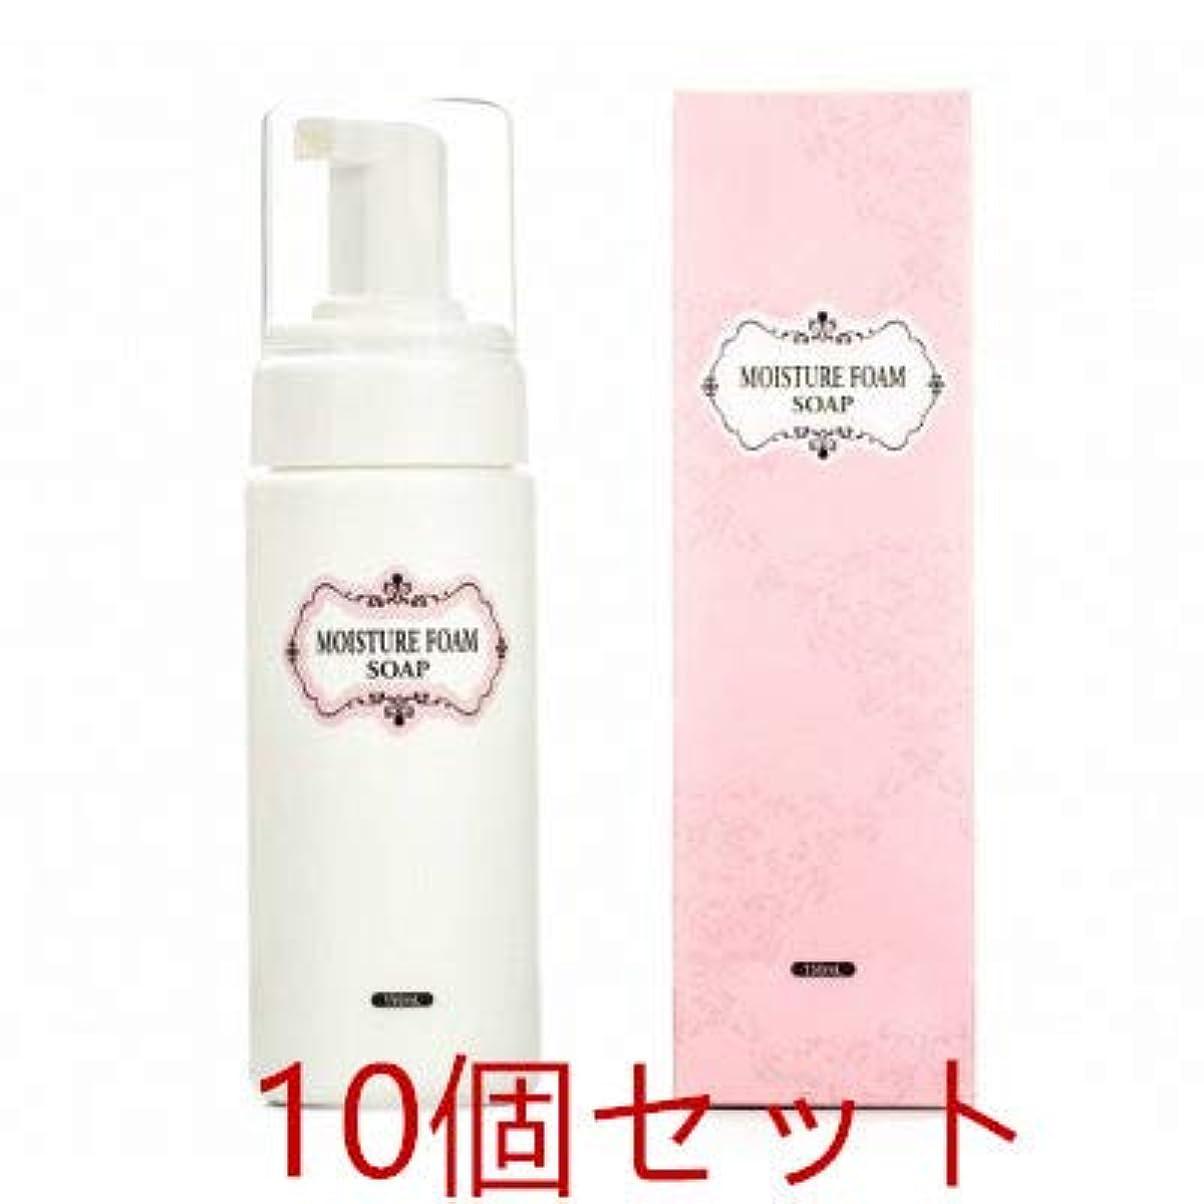 地味なテセウス不完全なMOISTURE FOAM SOAP(モイスチャーフォームソープ) 150ml10個セット